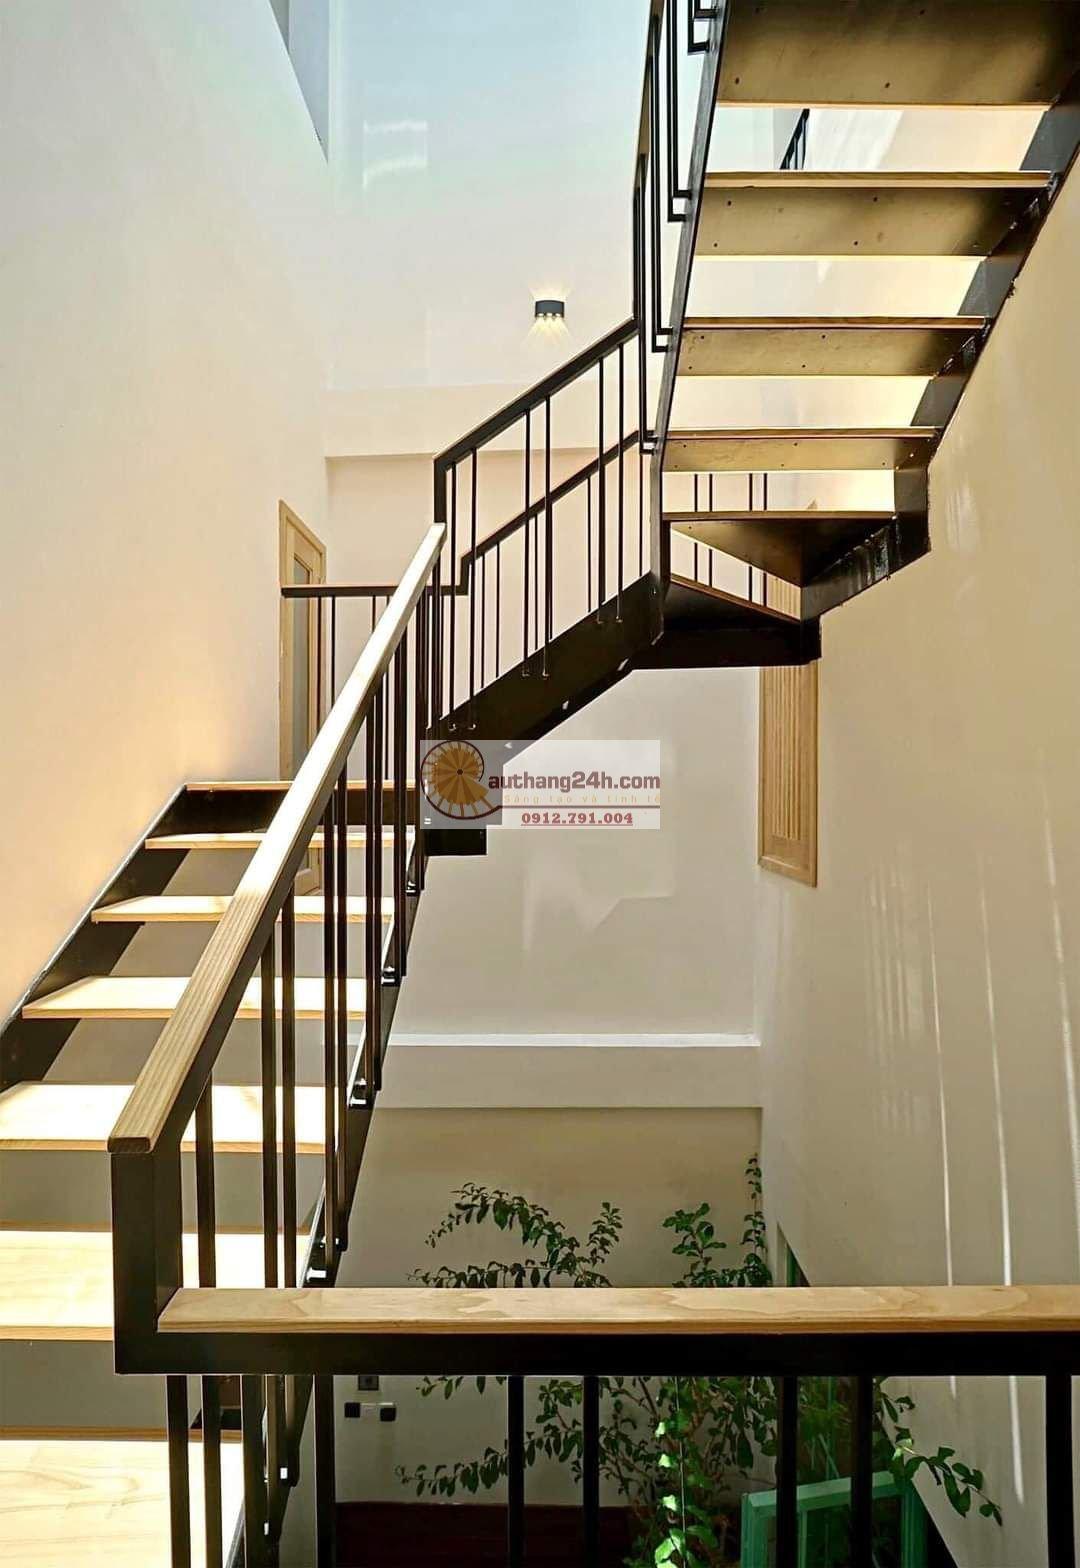 Tiêu chí nào quan trọng nhất khi làm cầu thang?